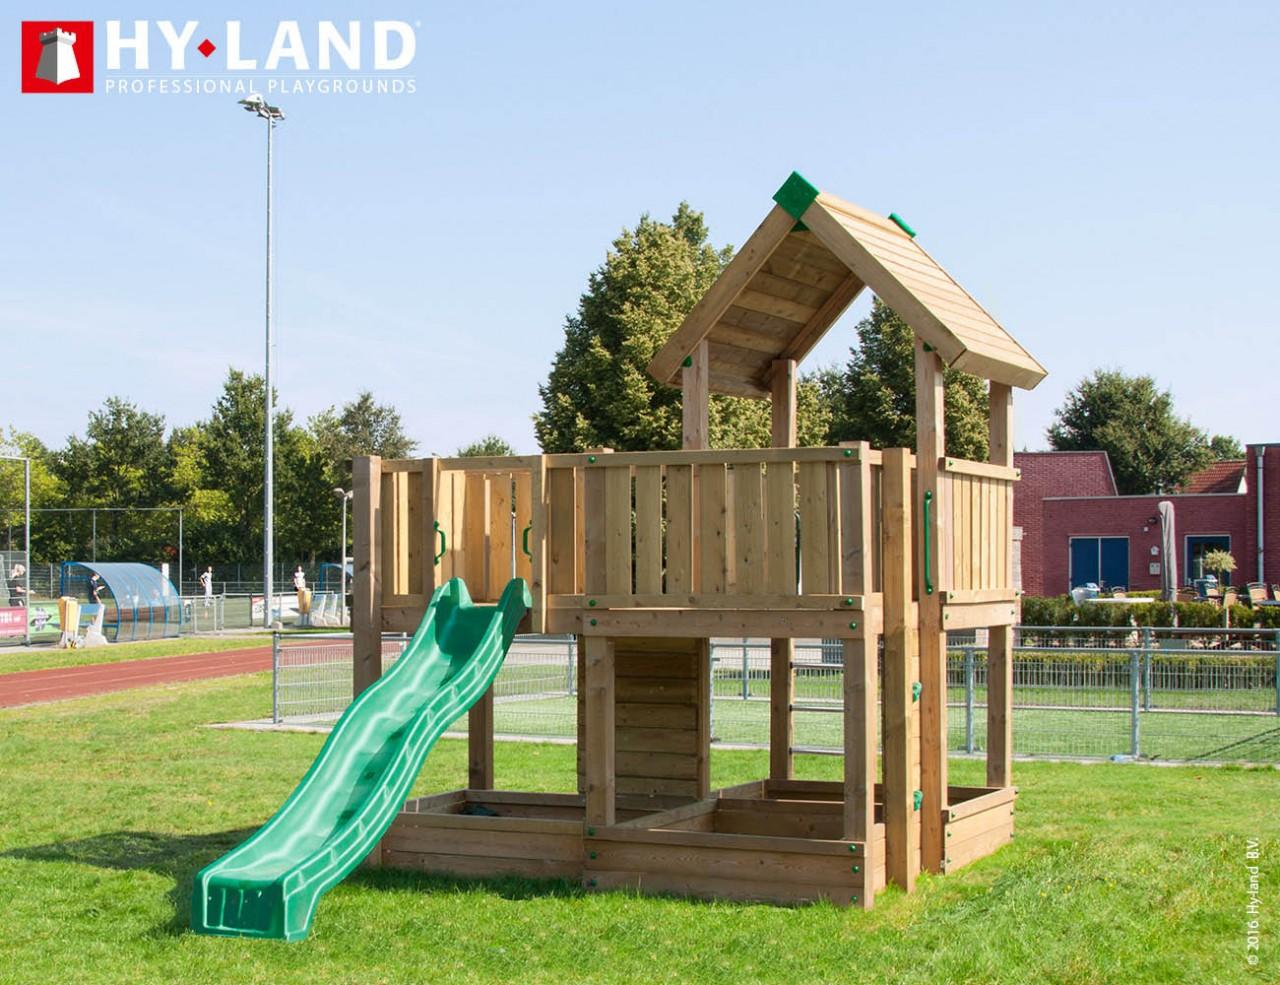 Spielturm Hy-Land P5 in Douglasie